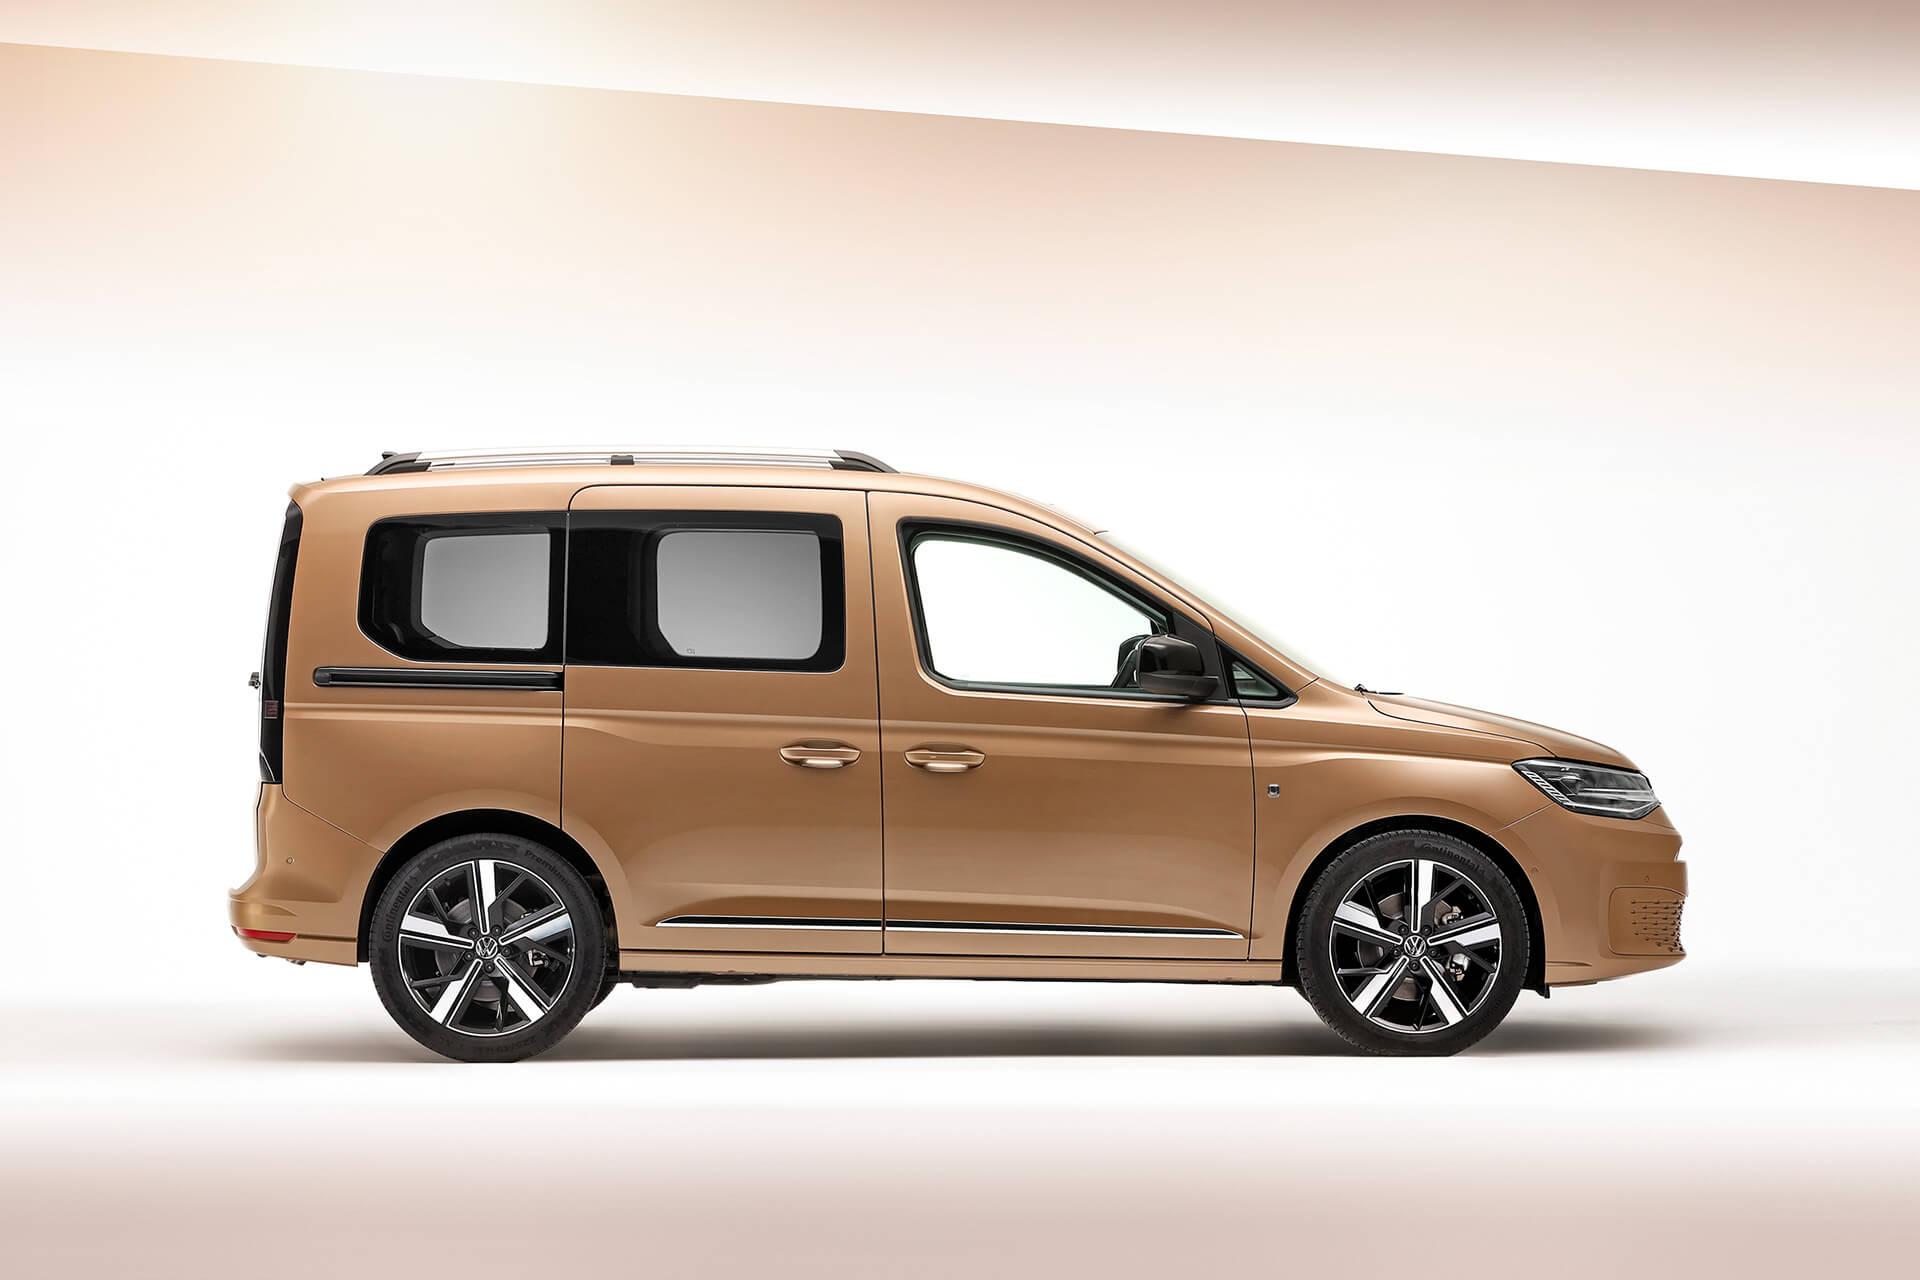 Νέο Volkswagen Caddy - Πλαϊνή όψη